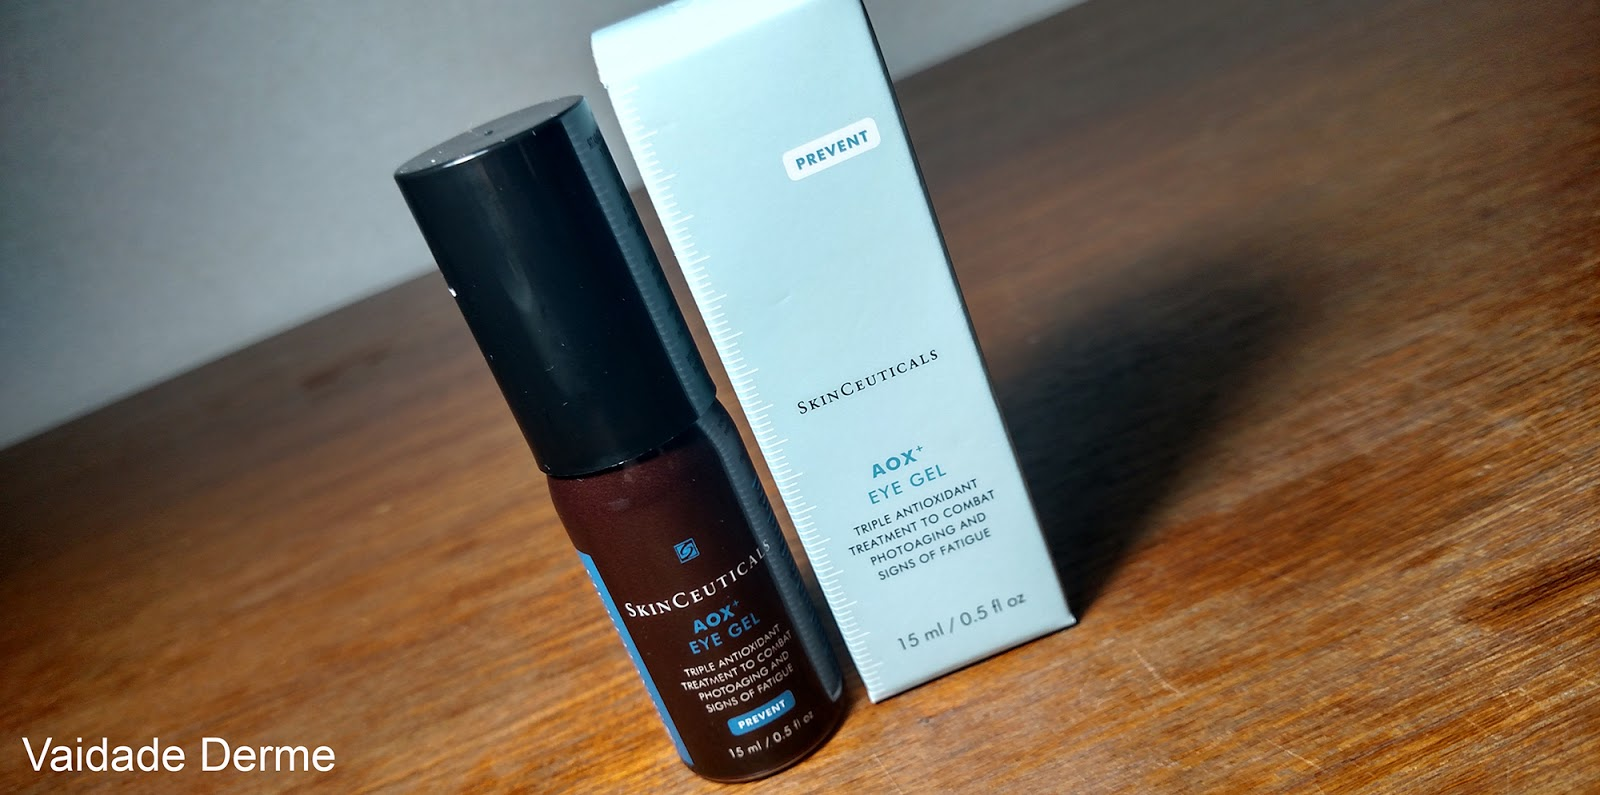 Skinceuticals AOX + Eye Gel